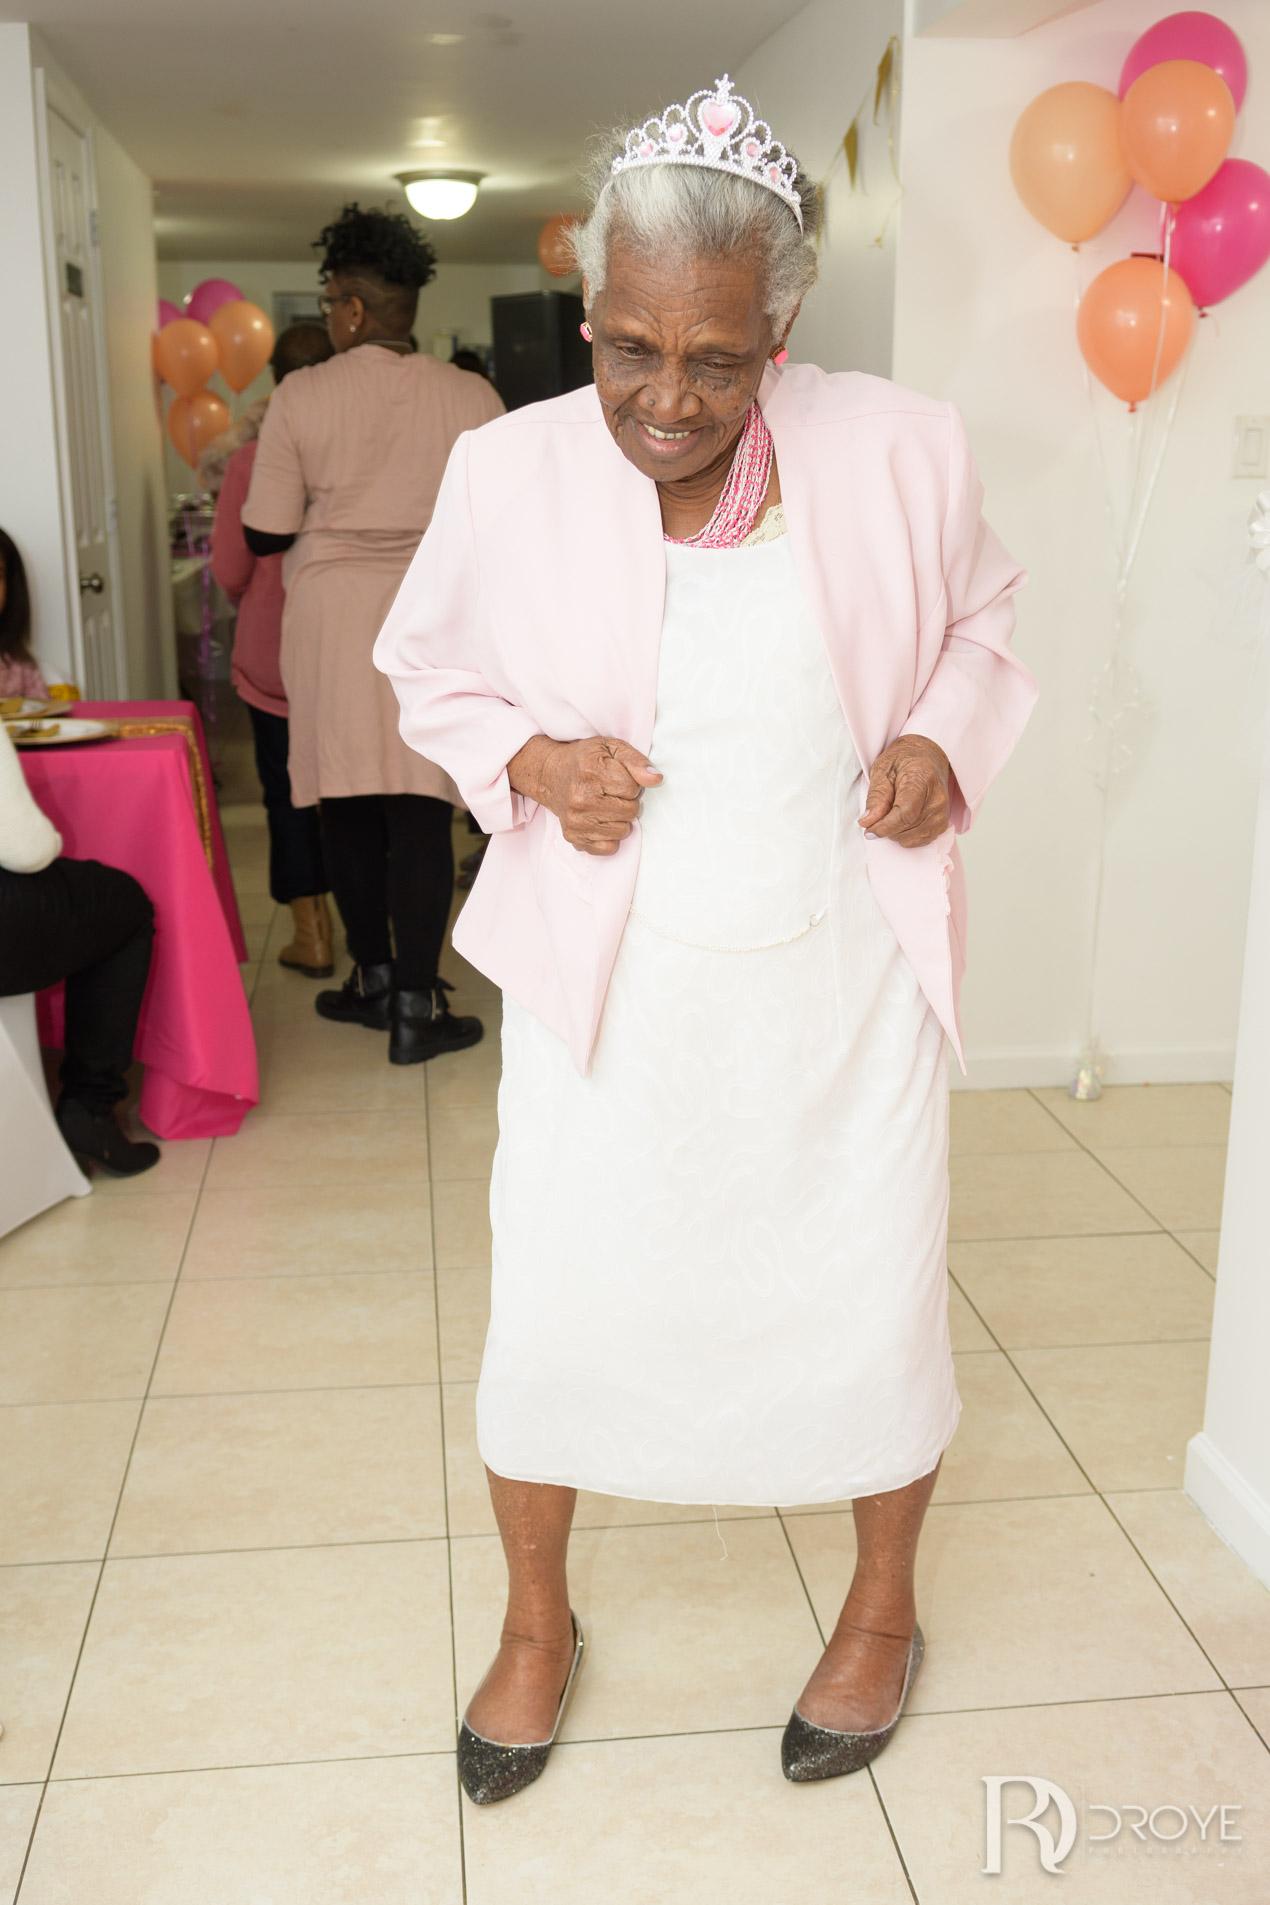 Granny's 91st Birthday Celebration